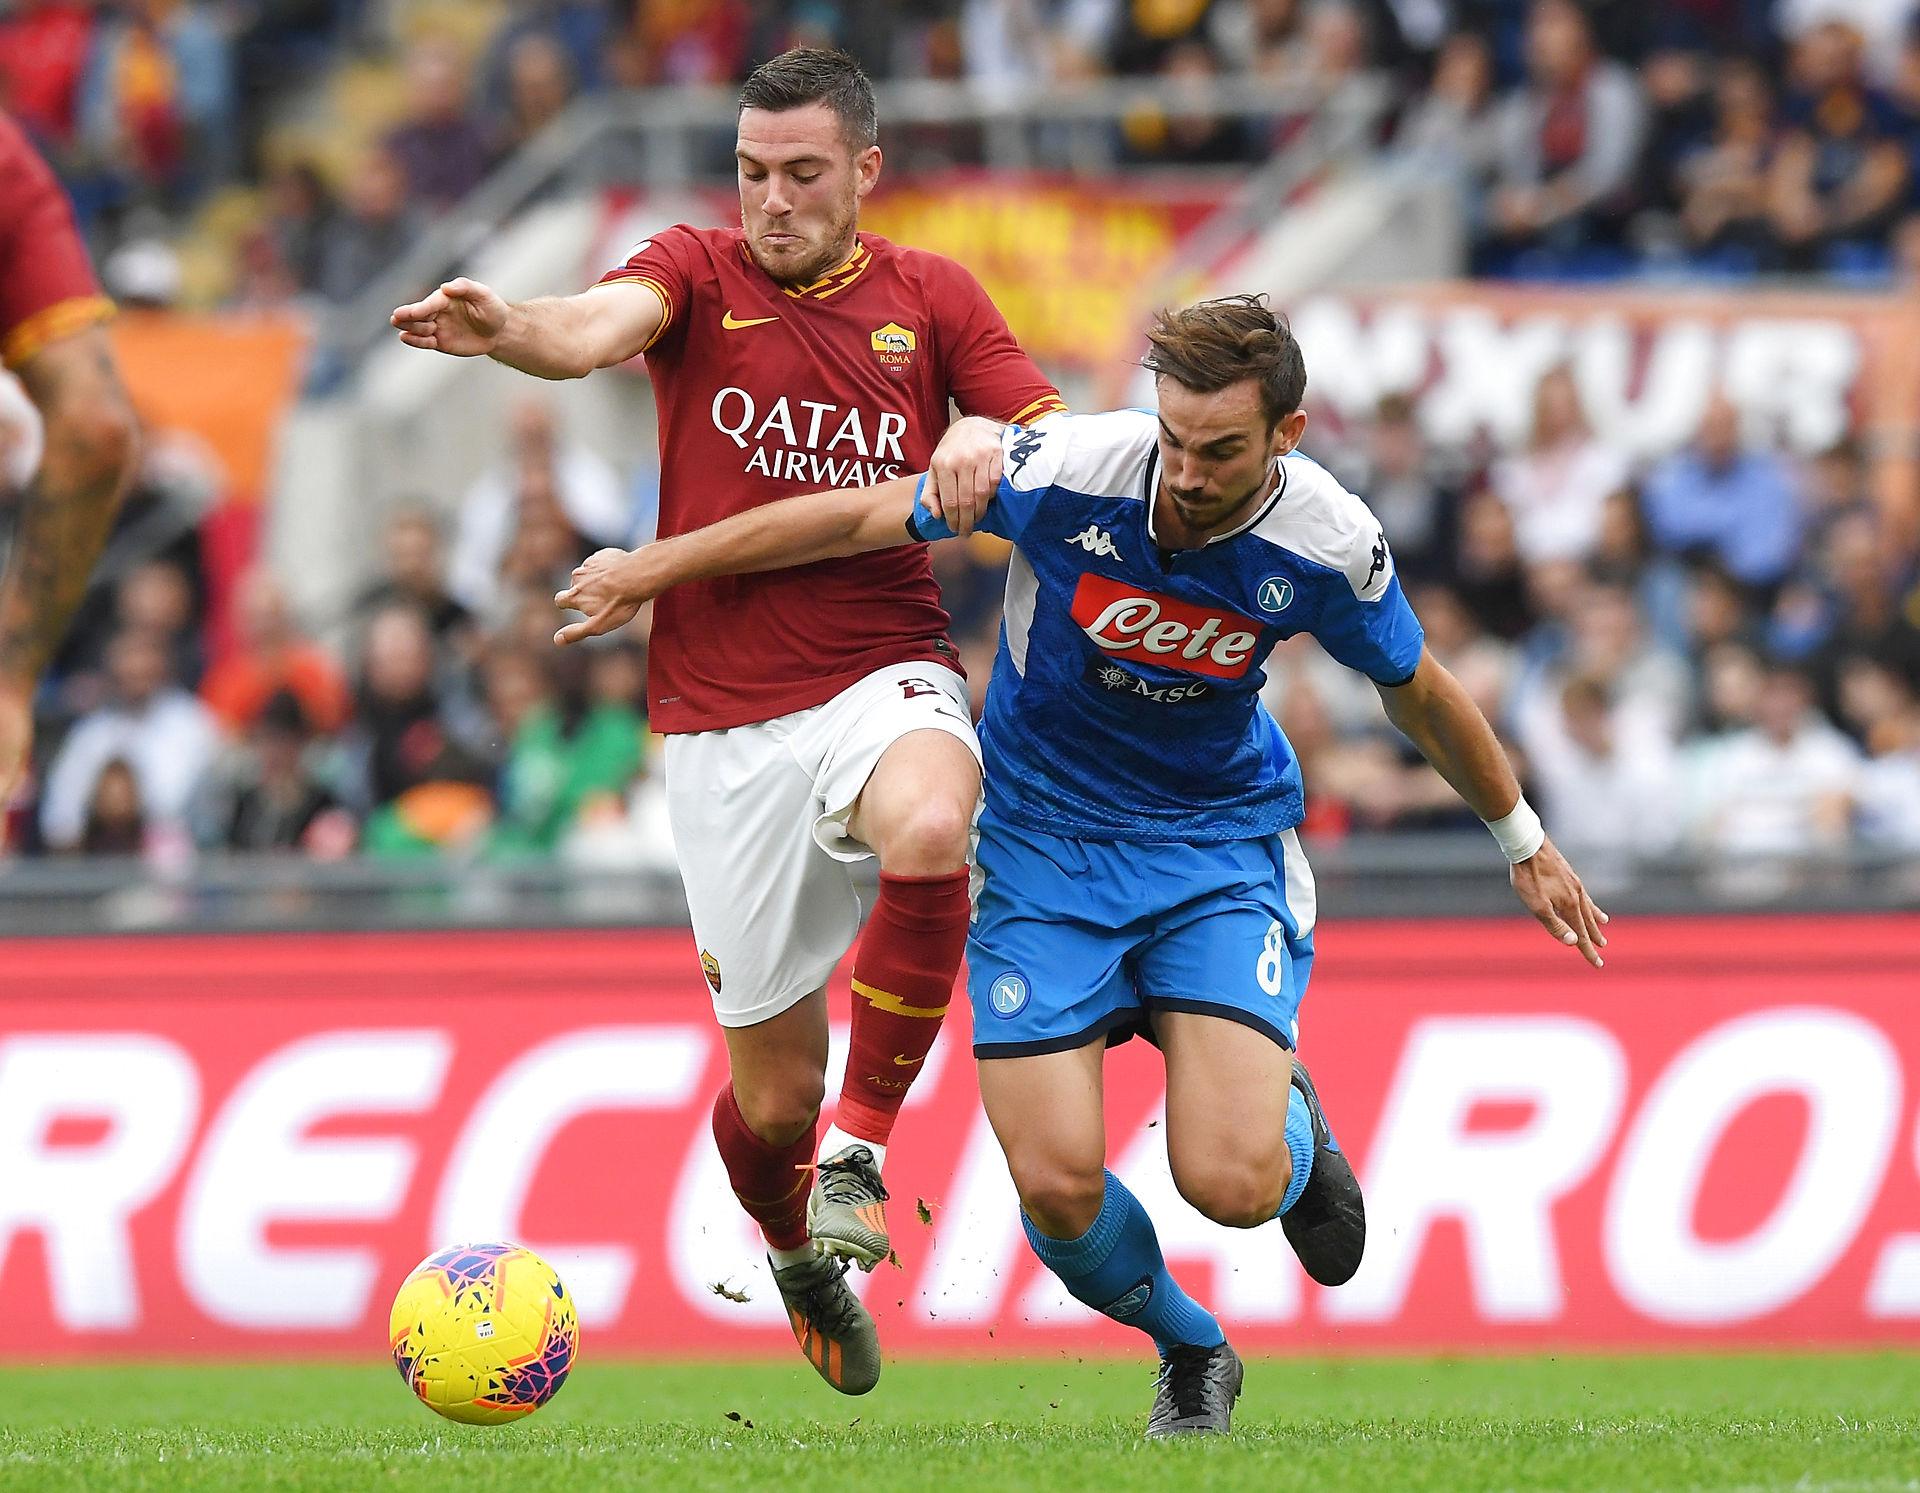 Napoli-profil flirter intensivt med Real Madrid og Manchester...